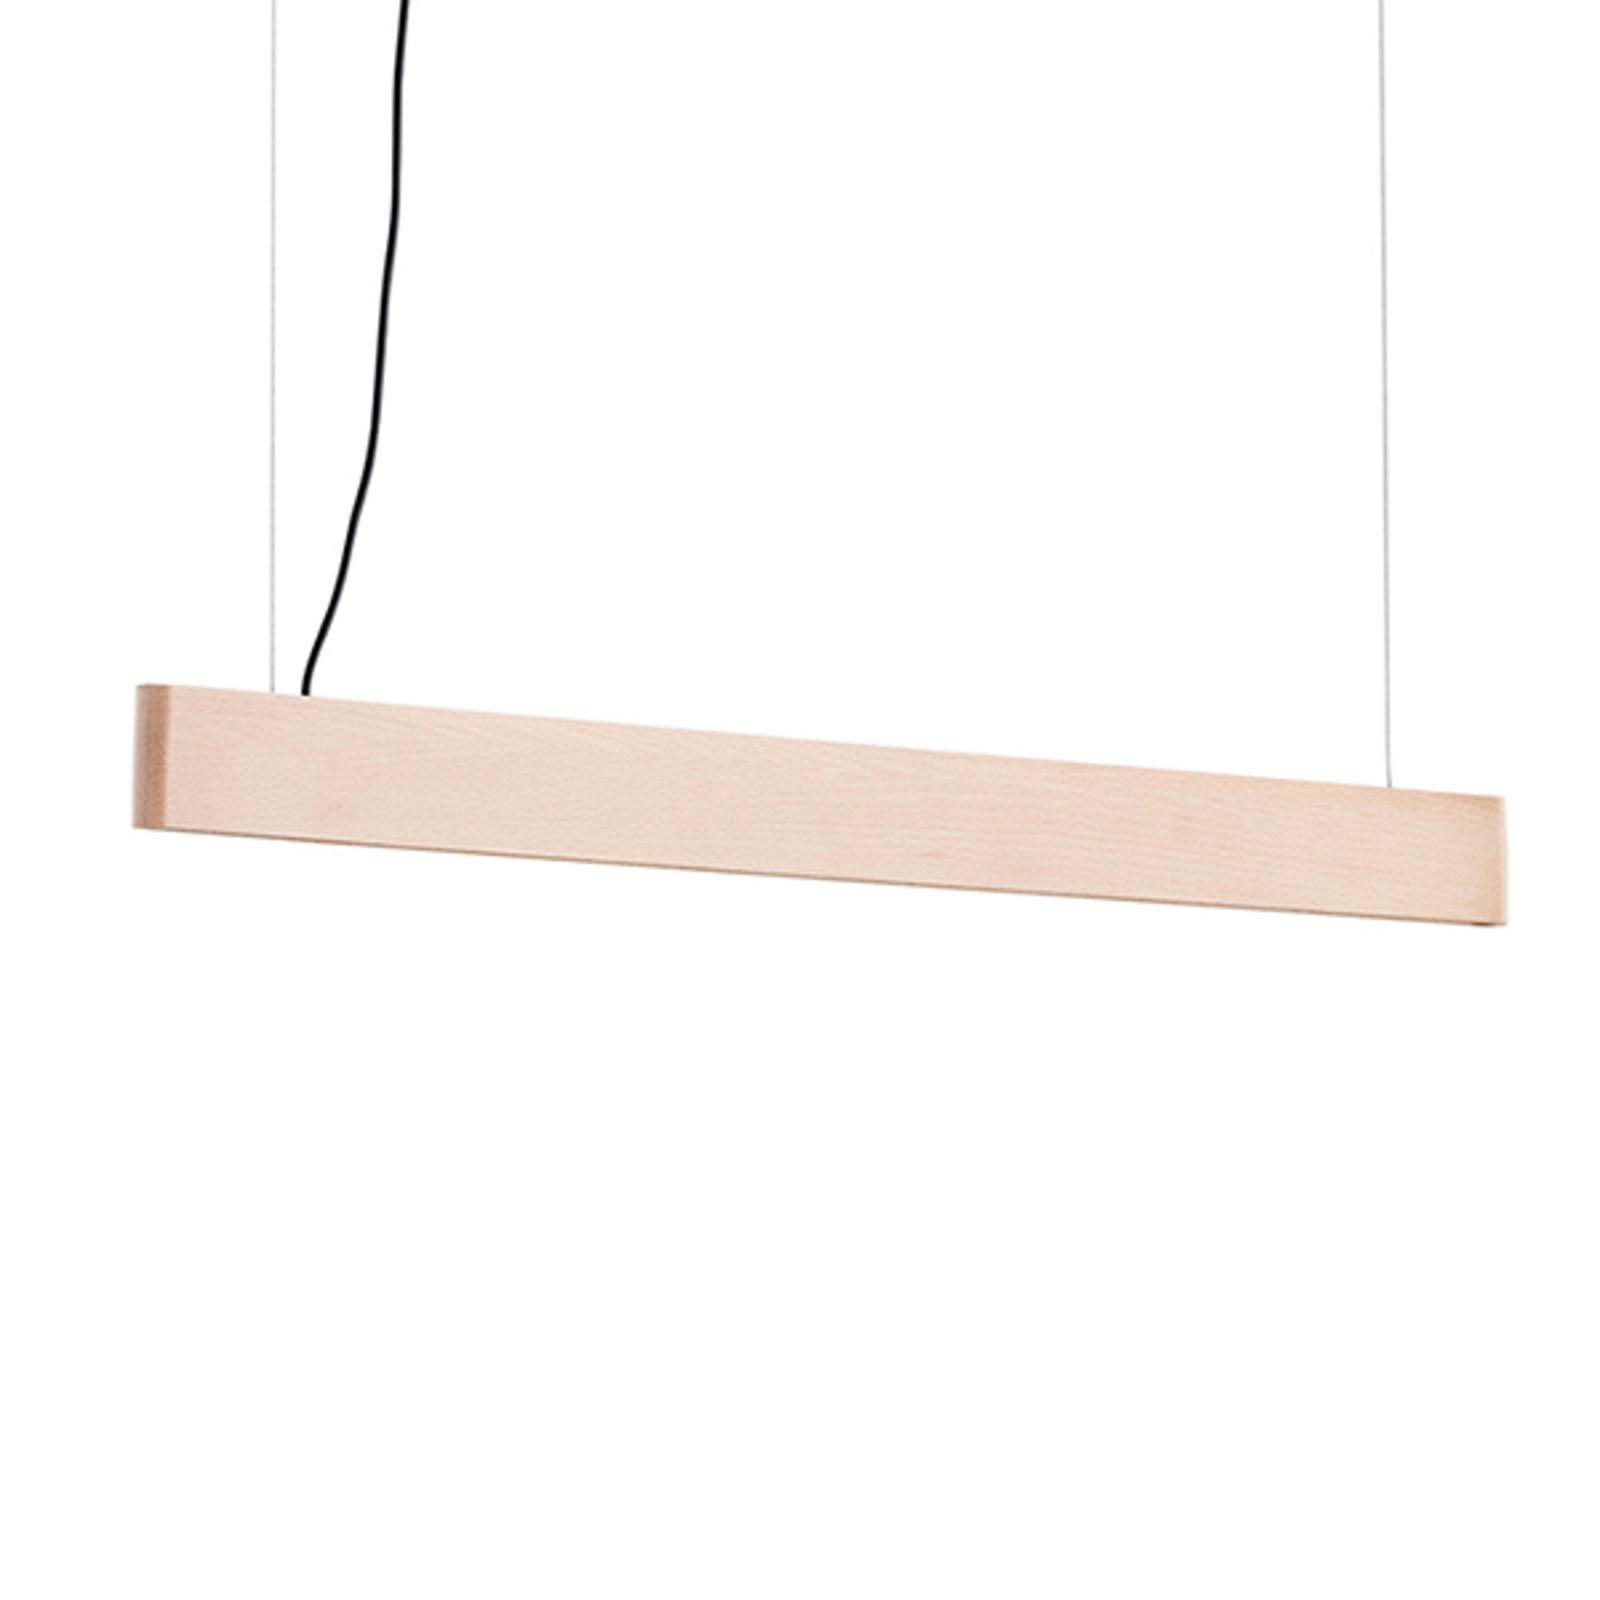 LED-pendellampe Abbon med treskjerm, bøk, 70 cm